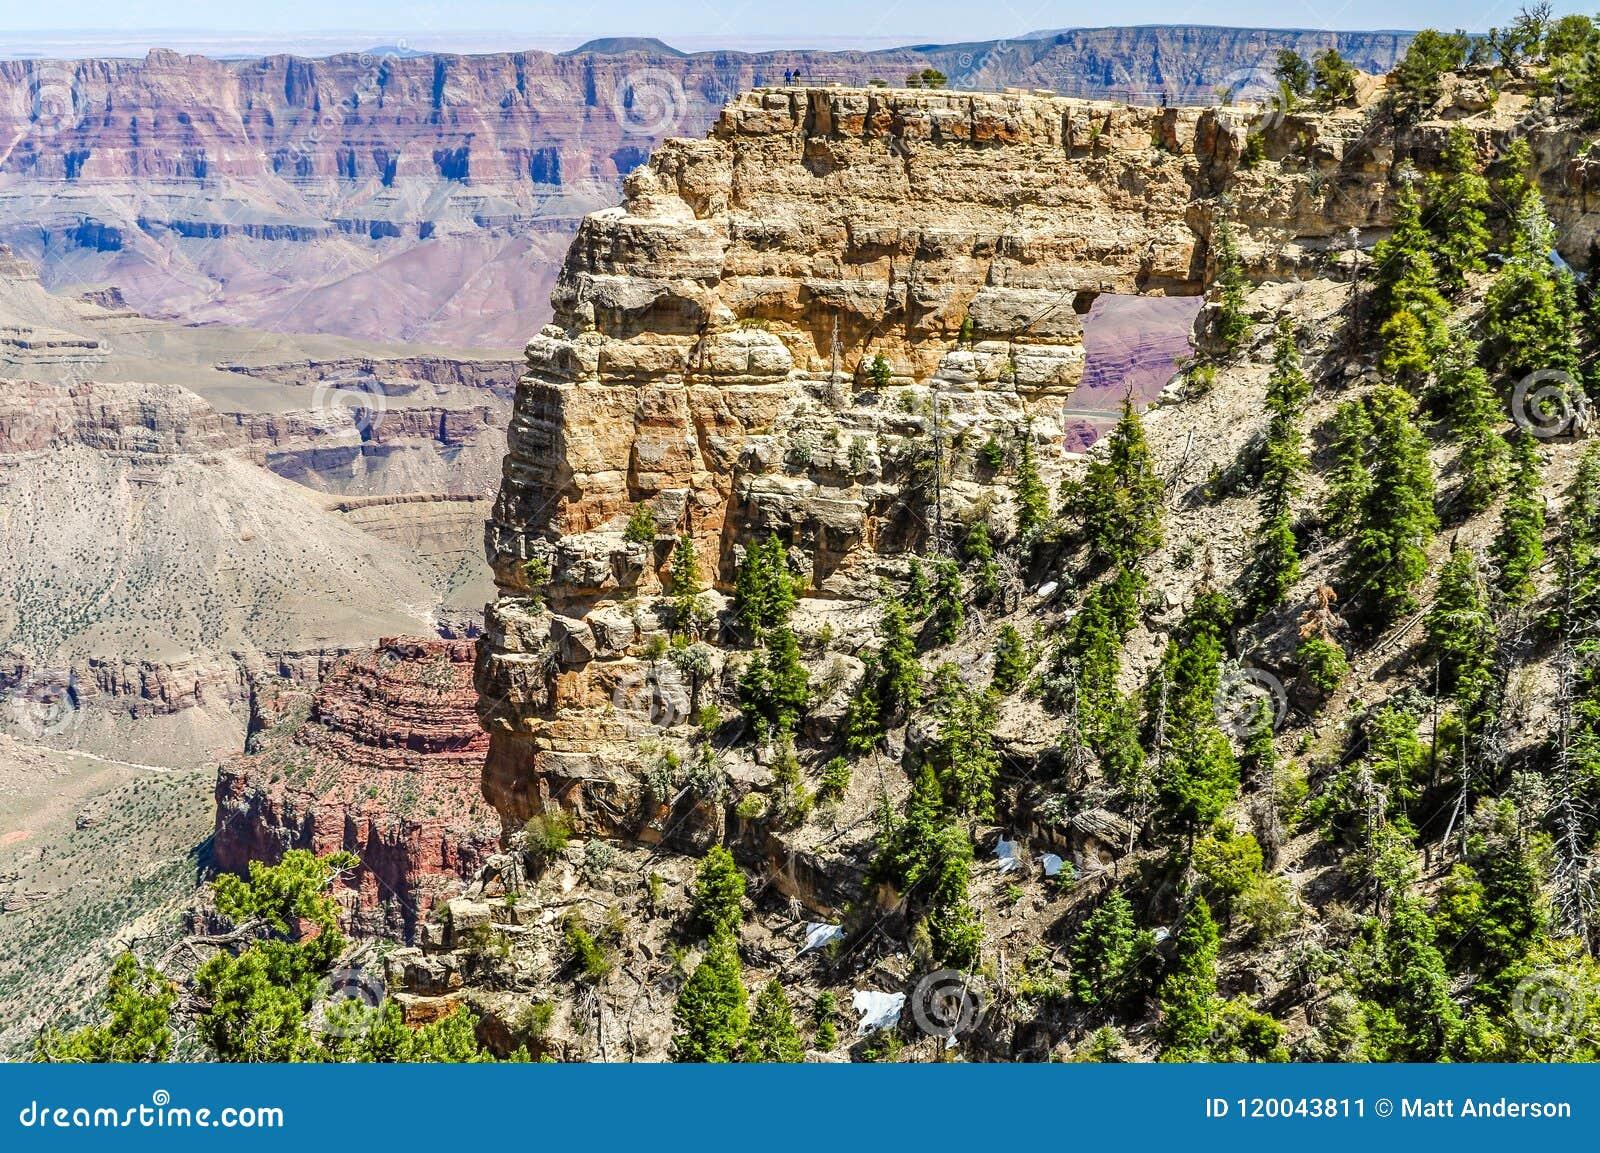 Утес окна показывает Колорадо на северной оправе гранд-каньона в Аризоне